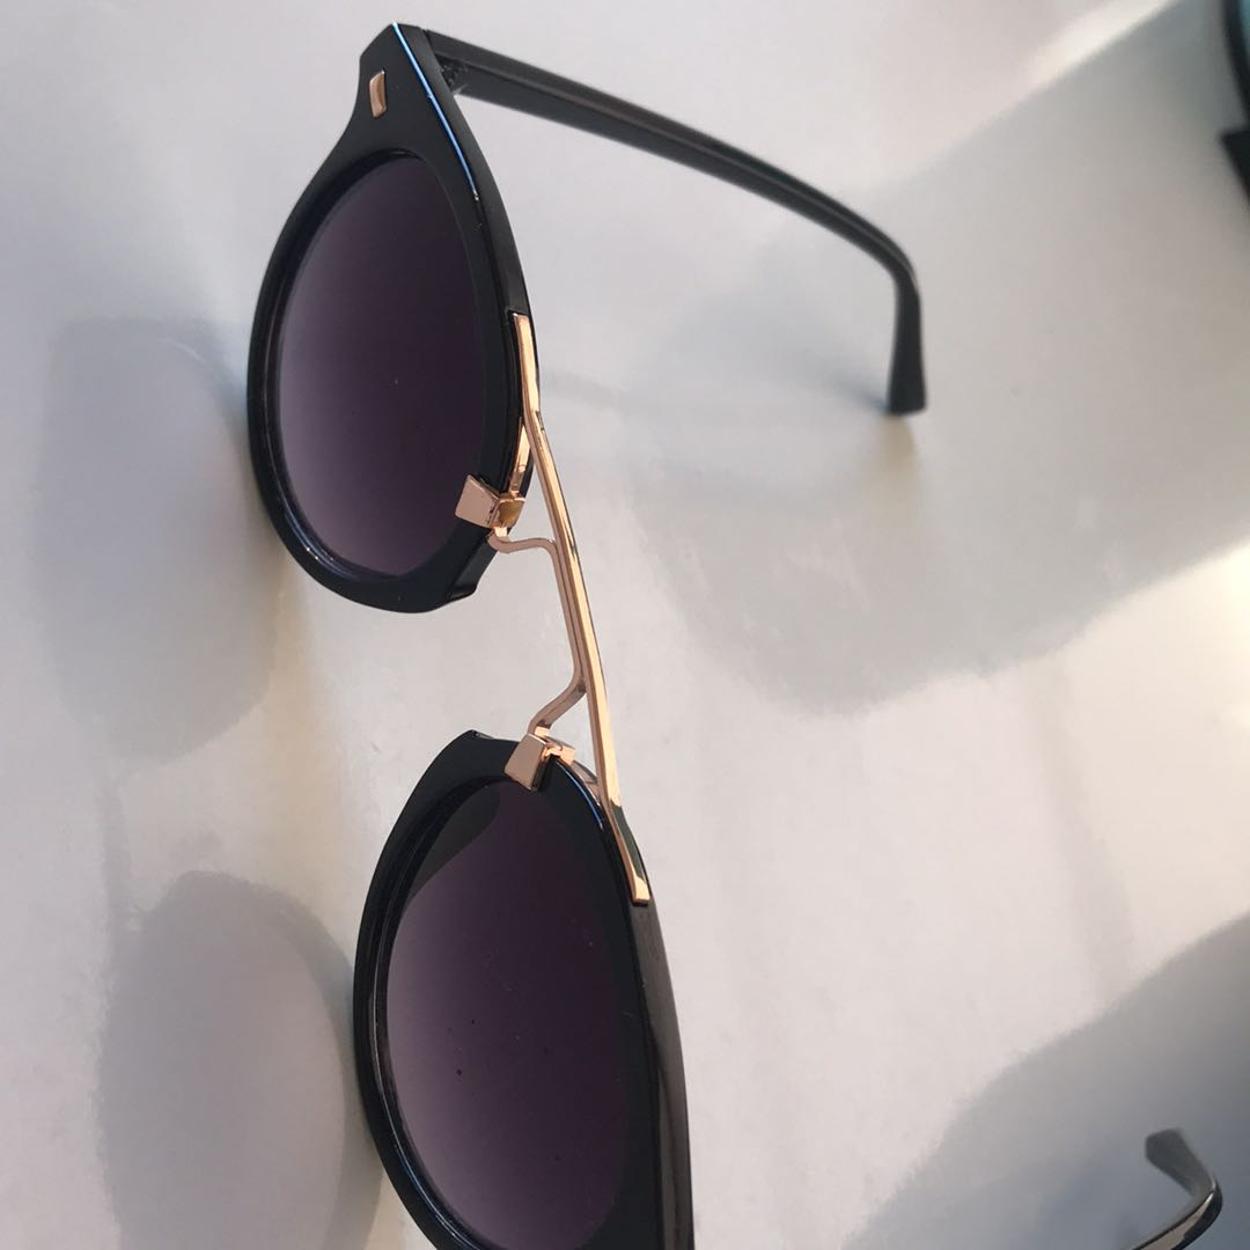 Beyaz Butik Gözlük